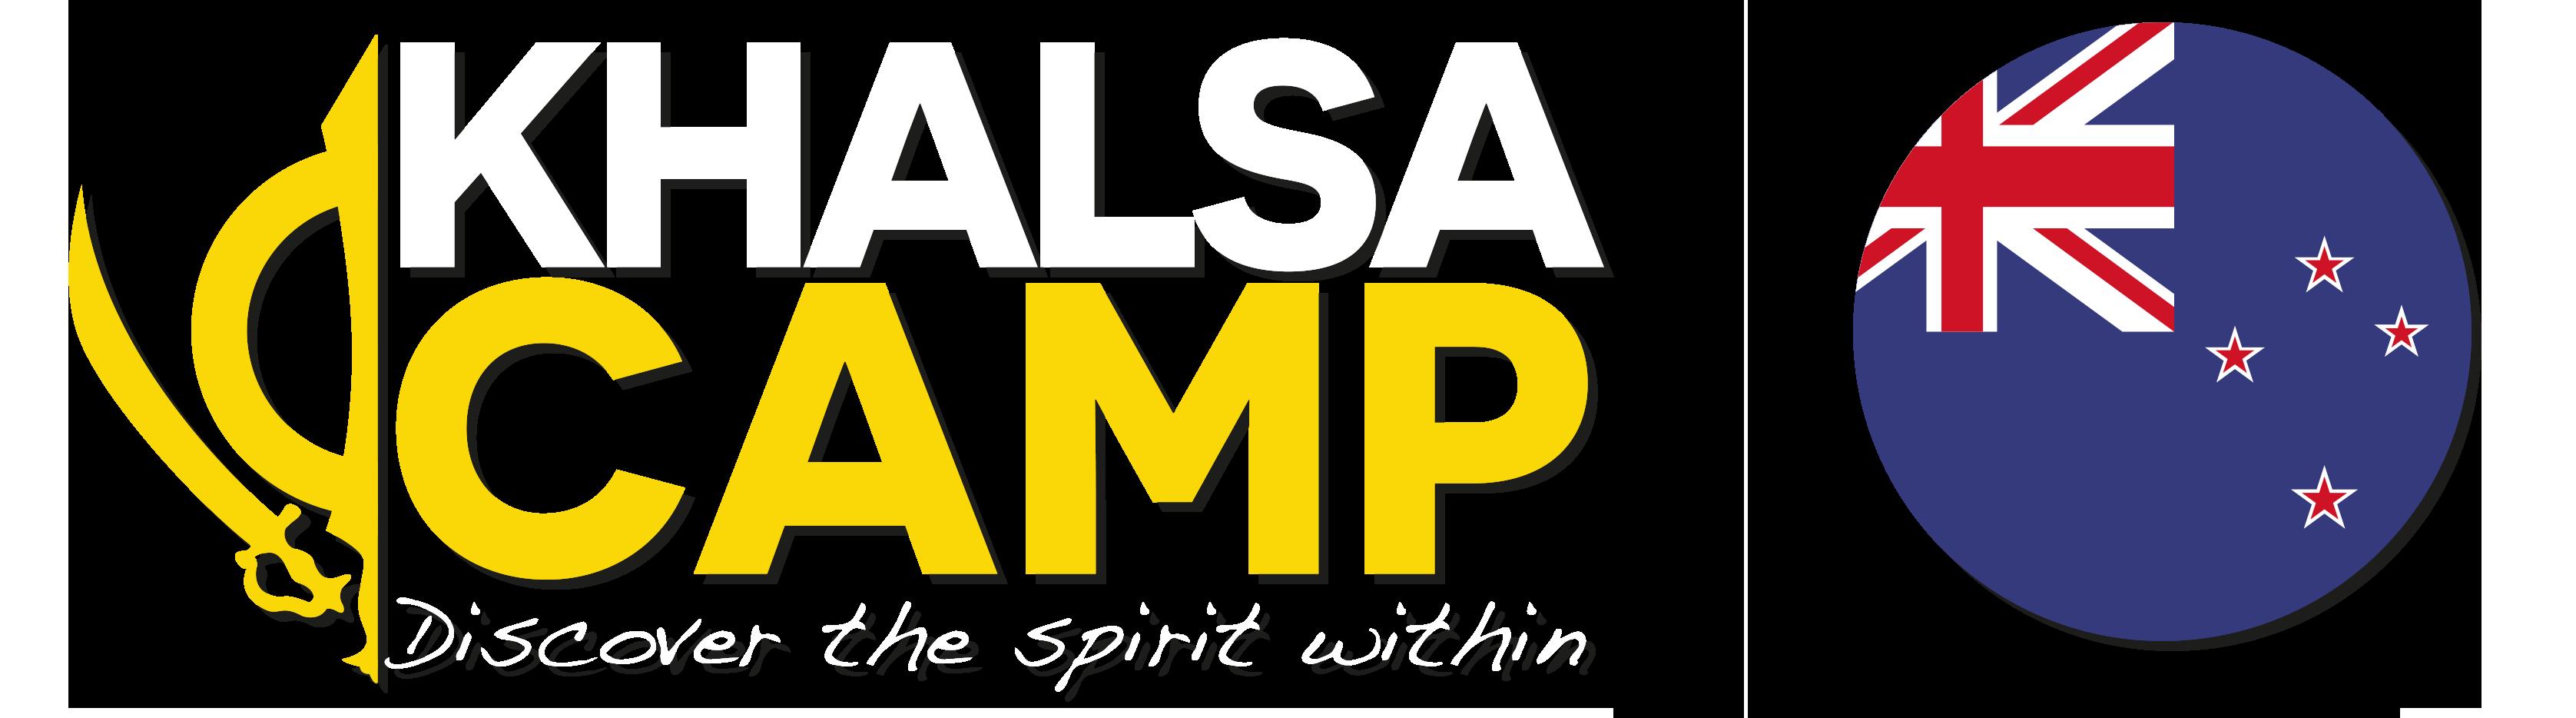 Khalsa Camp NZ 2018 logo